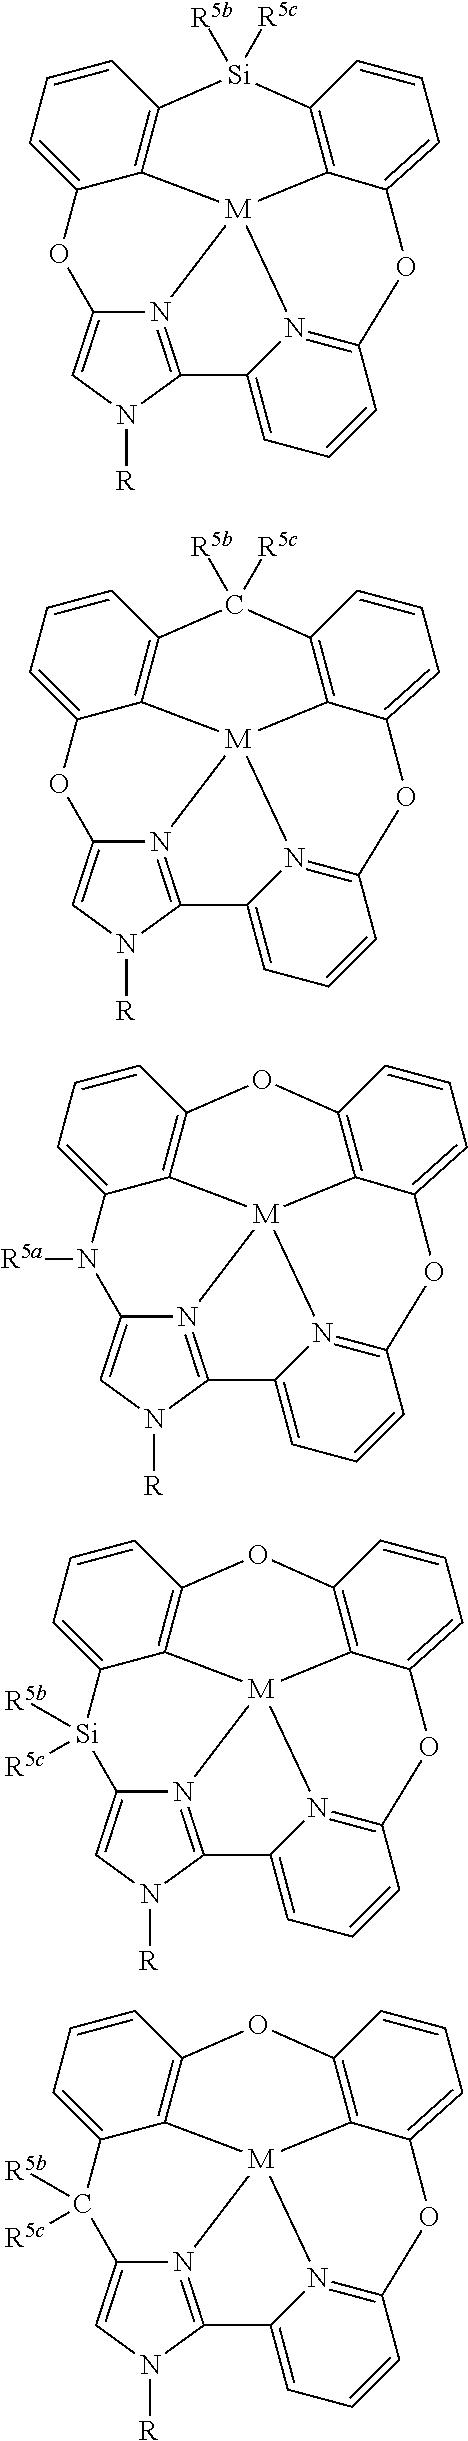 Figure US10158091-20181218-C00297